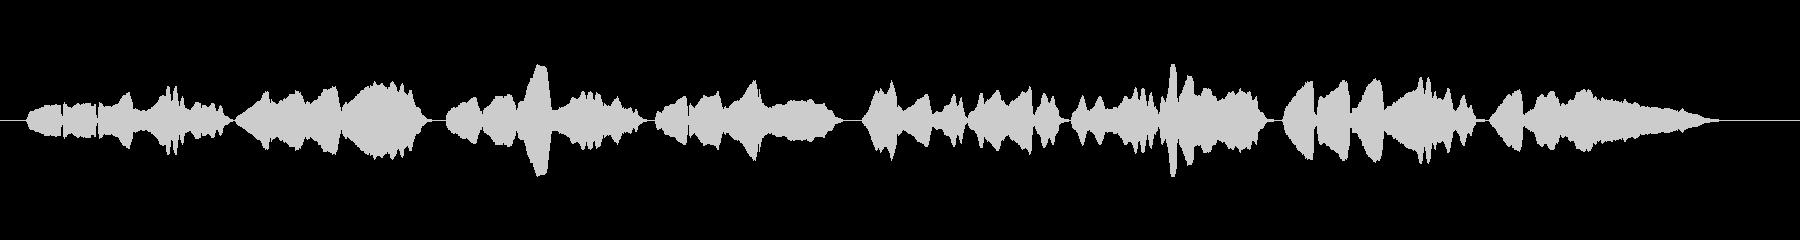 ふるさと(文部省唱歌) ハーモニカのみの未再生の波形